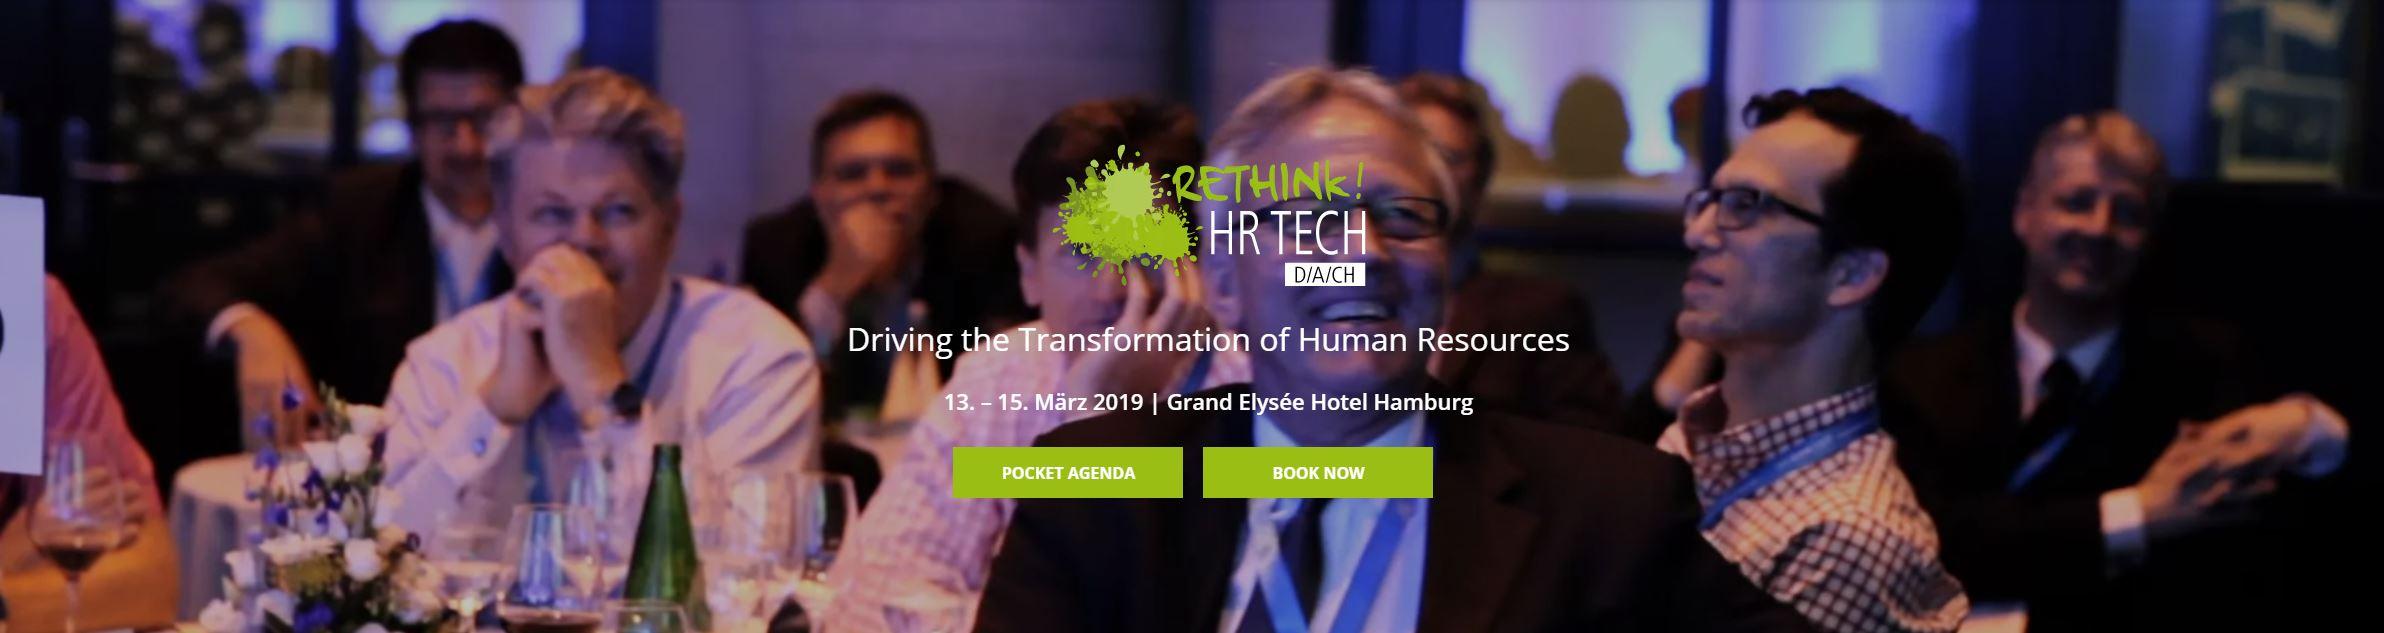 Rethink HR Tech 2019 DACH Prof. Kai Reinhardt